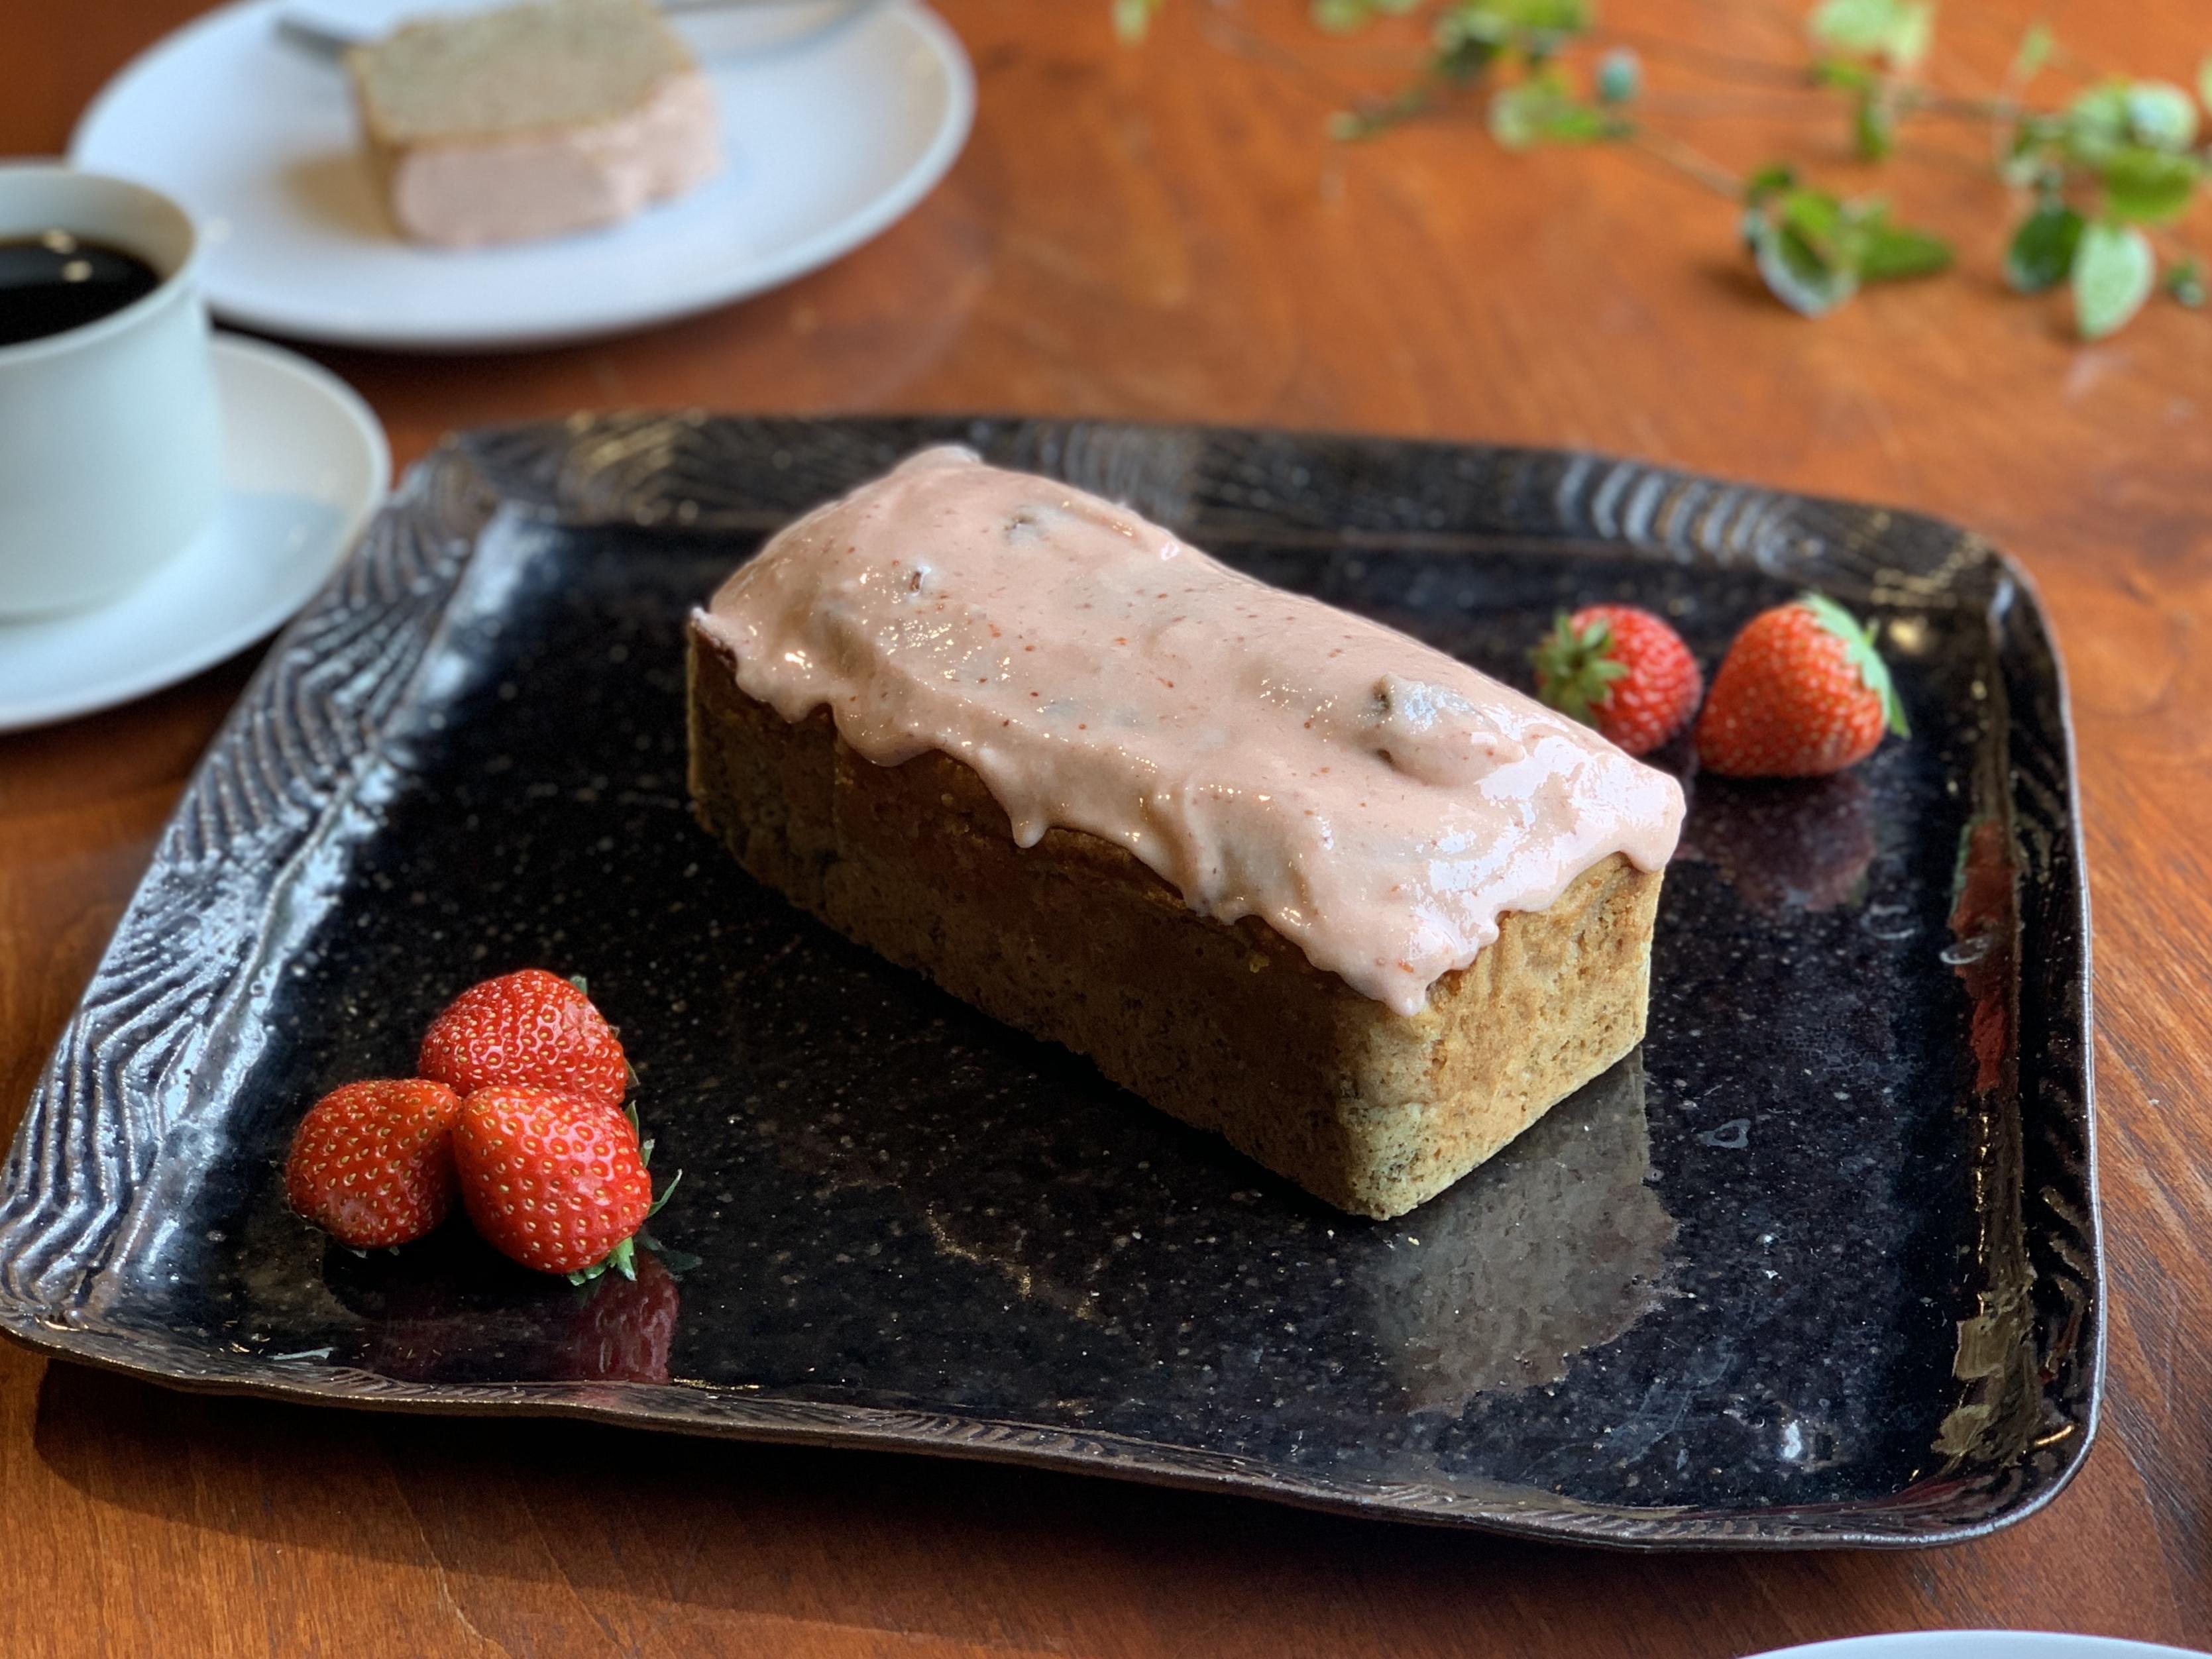 ●国分寺中村農園さんのいちごと 紅茶ココナッツのパウンドケーキ:5月の終わりの新メニュー